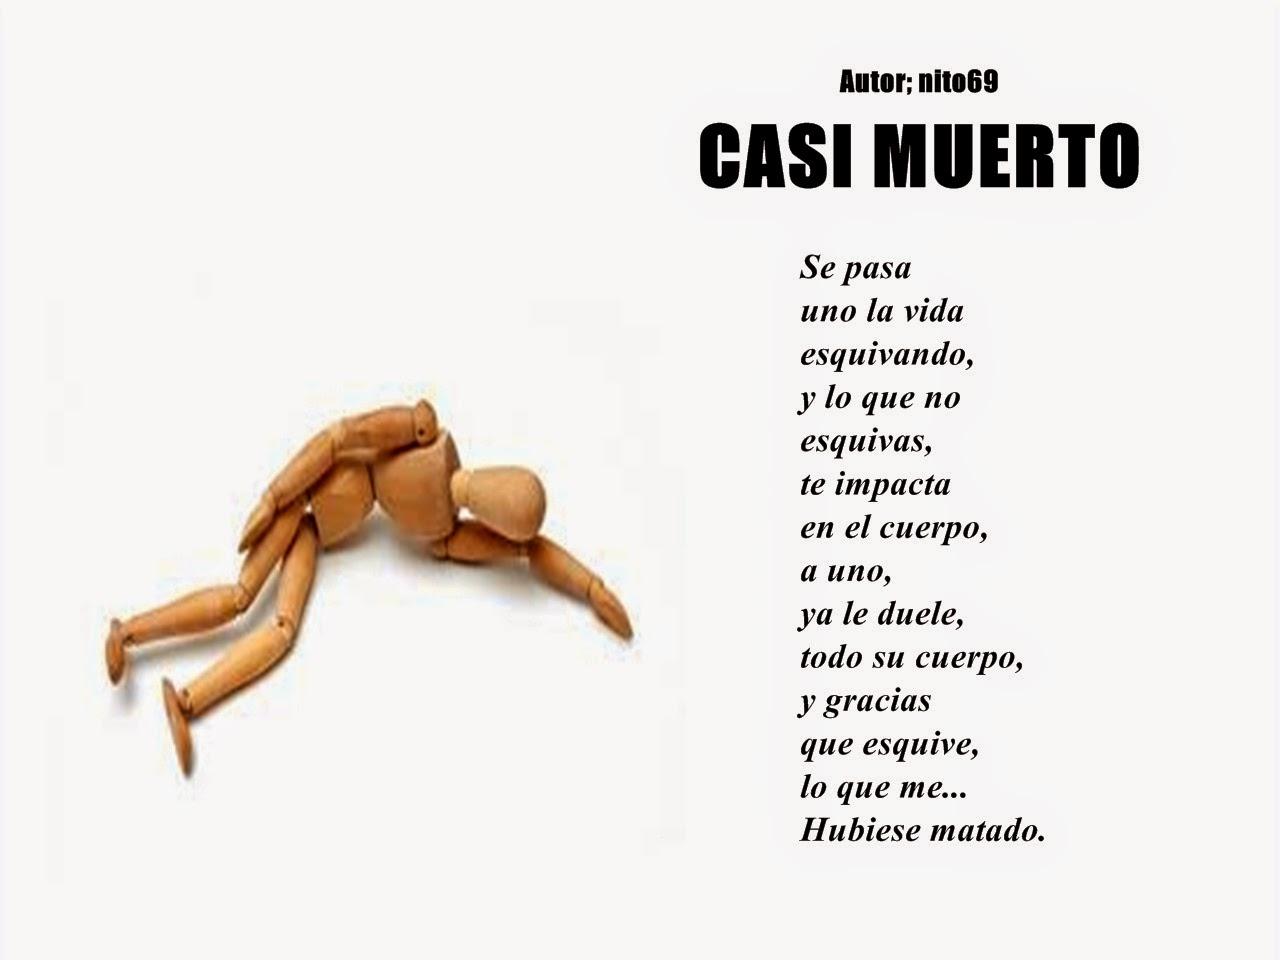 CASI MUERTO